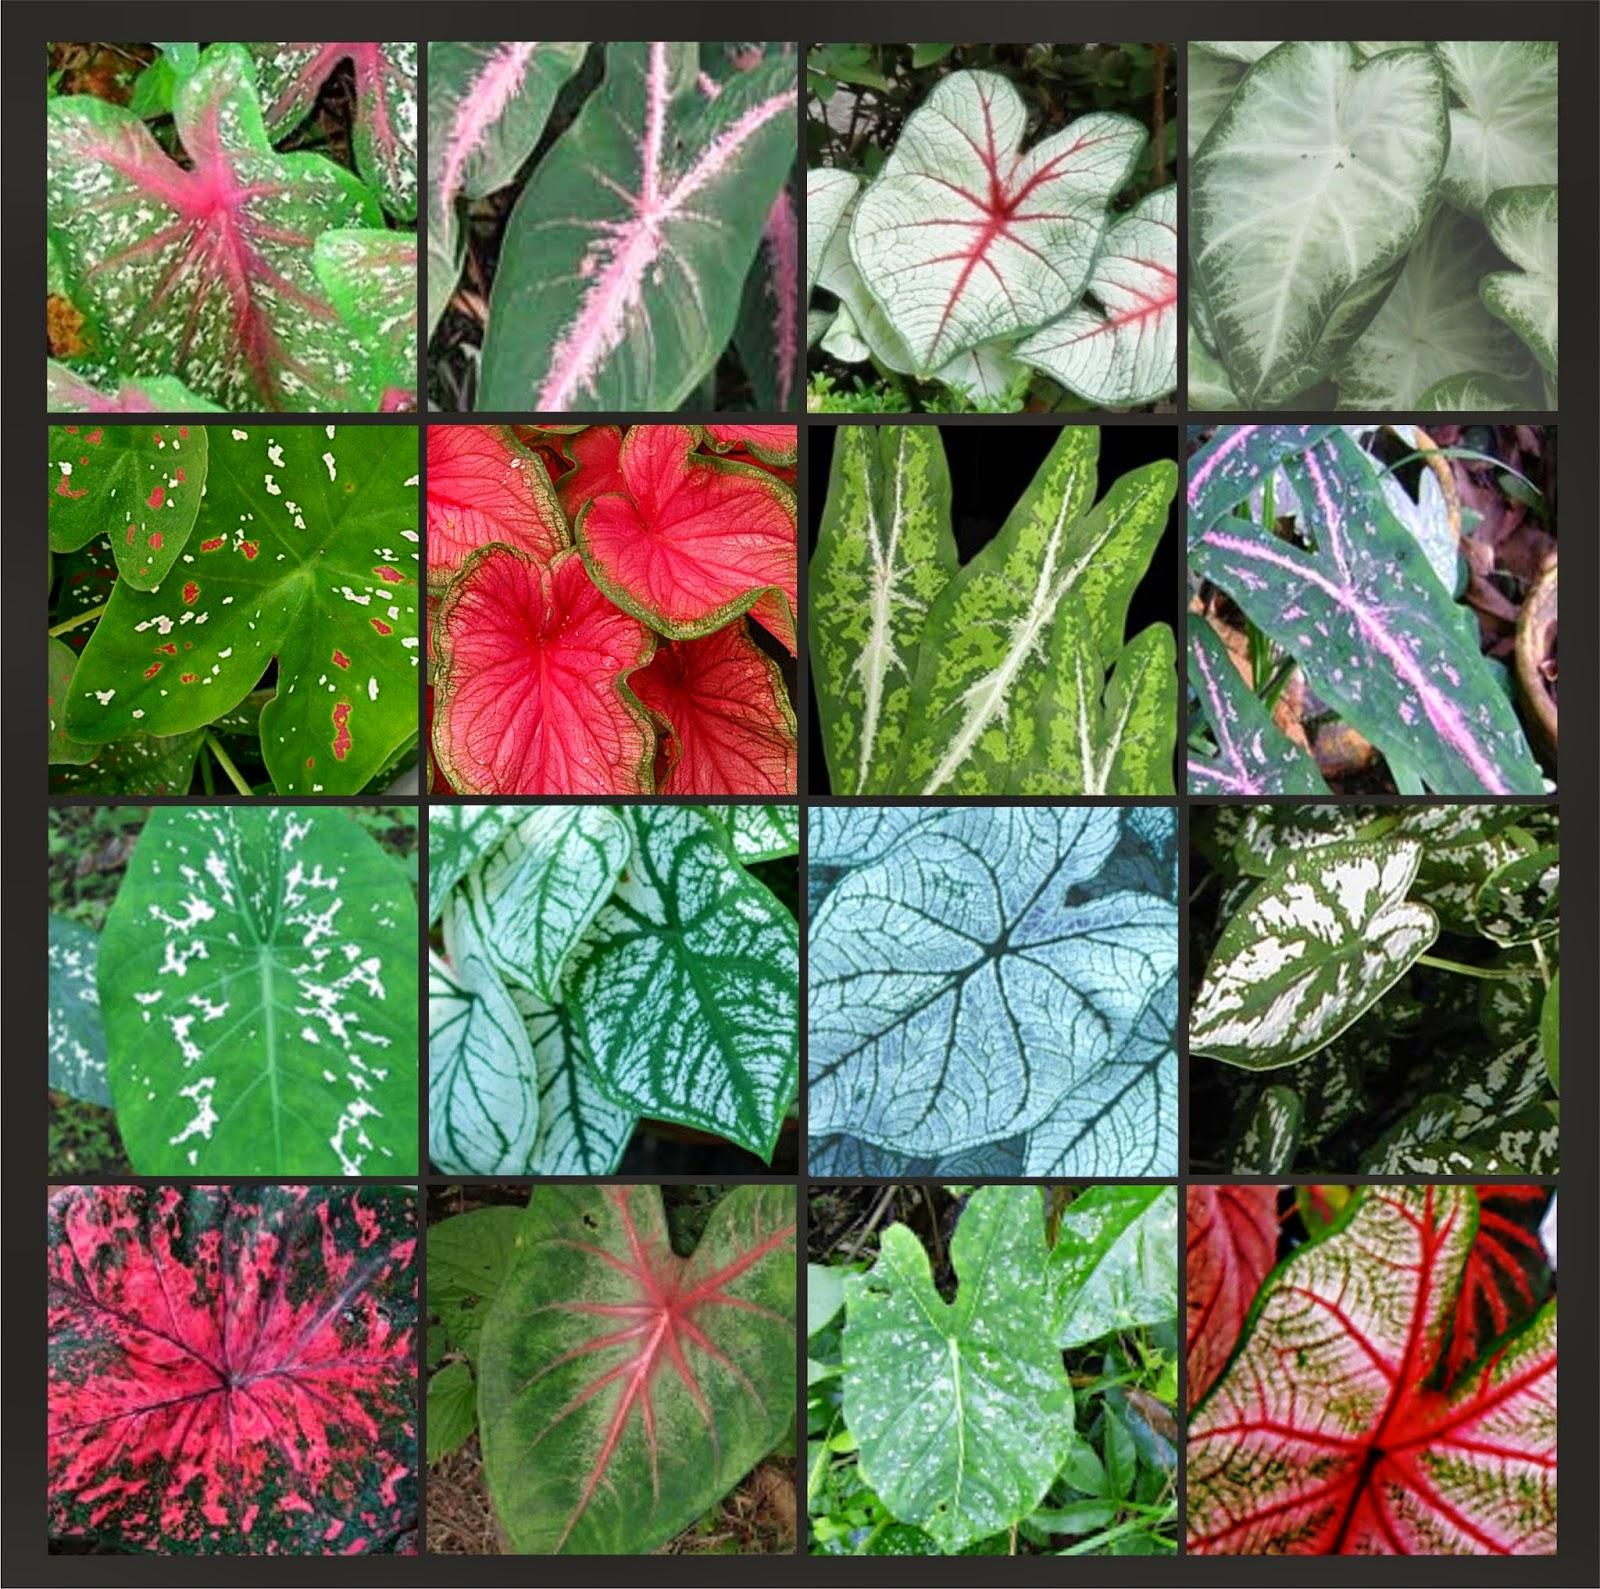 V e r d e c h a c o agosto 2014 for Plantas ornamentales con sus nombres lamina